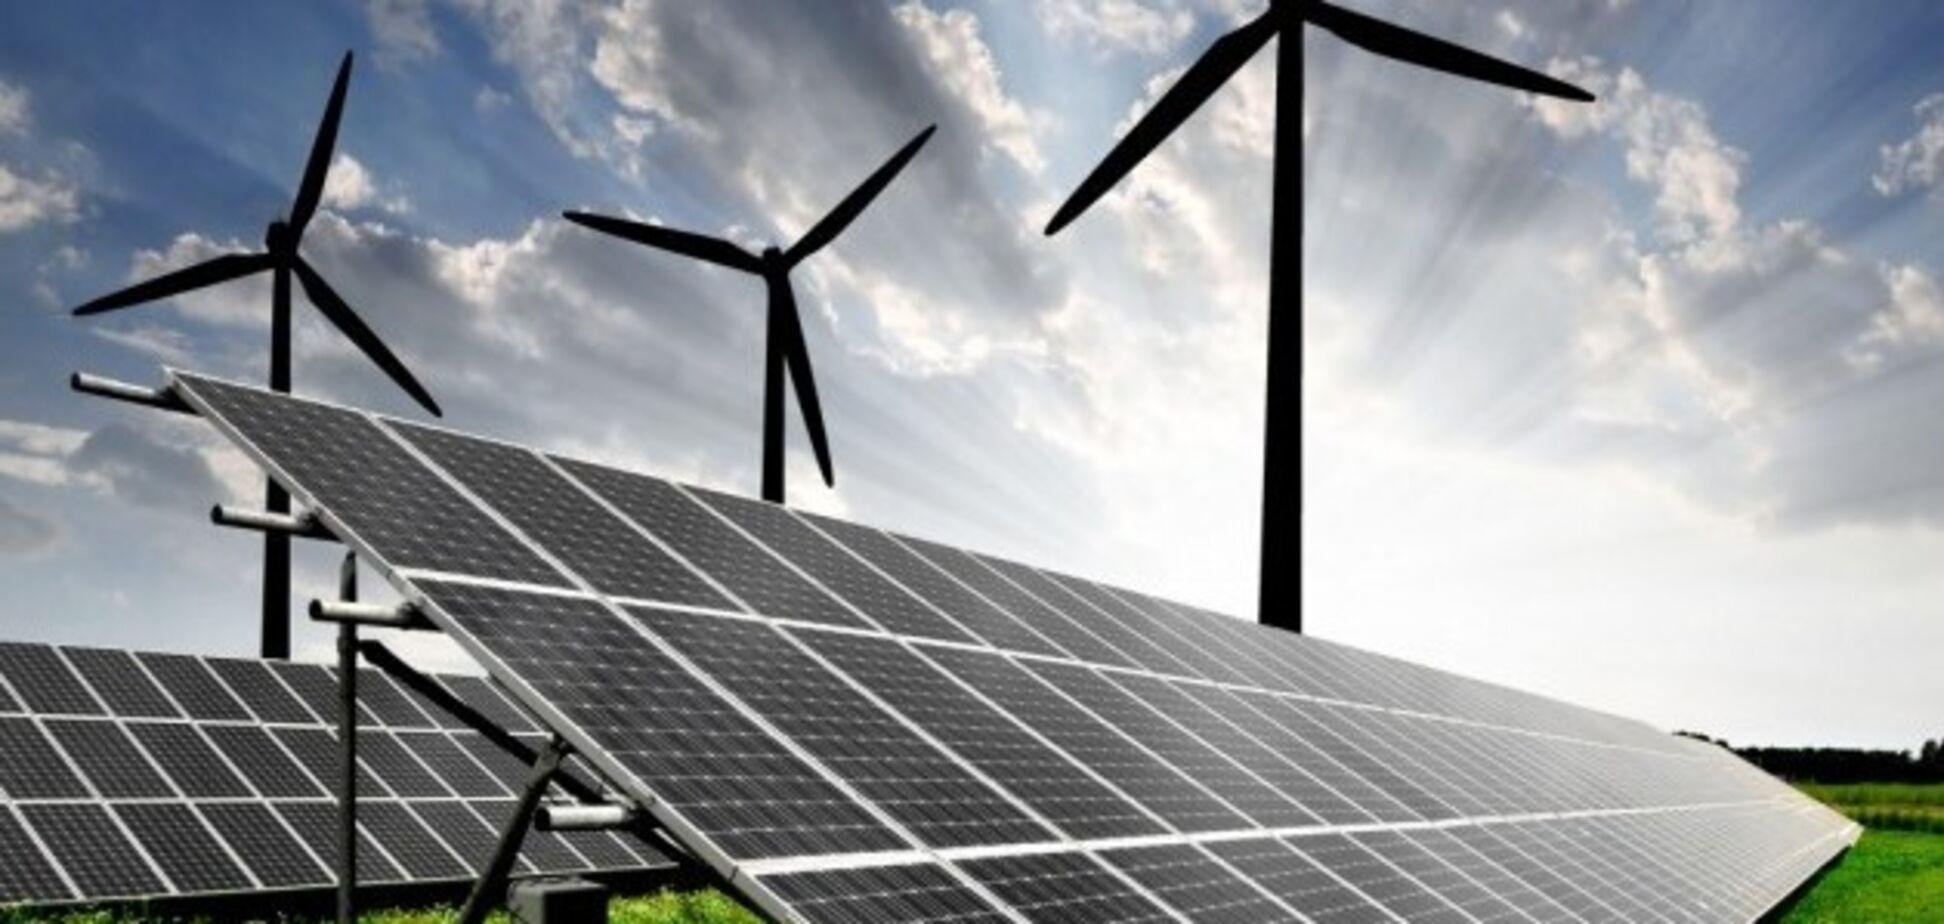 НКРЭКУ откладывает принятие постановления по обеспечению 100%-го уровня выплат за произведенную 'зеленую' энергию